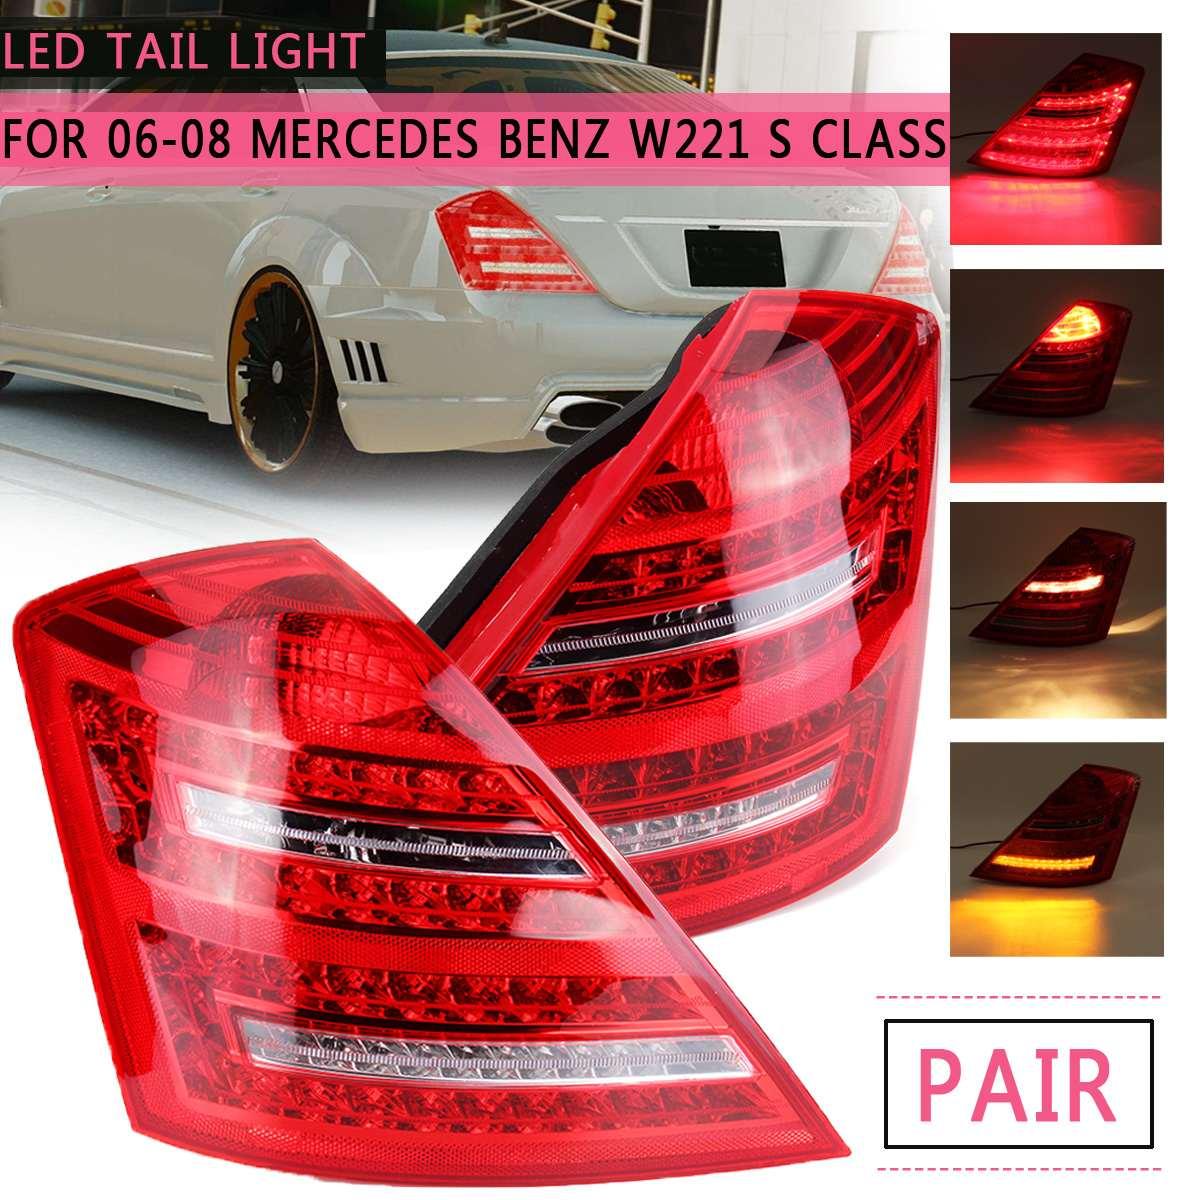 2 Pcs W221 Levaram Luzes Da Cauda Do Carro para Mercedes Benz Classe S 2006 2007 2008 Lanterna Traseira Modificada Freio Traseiro lâmpada de cauda Drl Styling